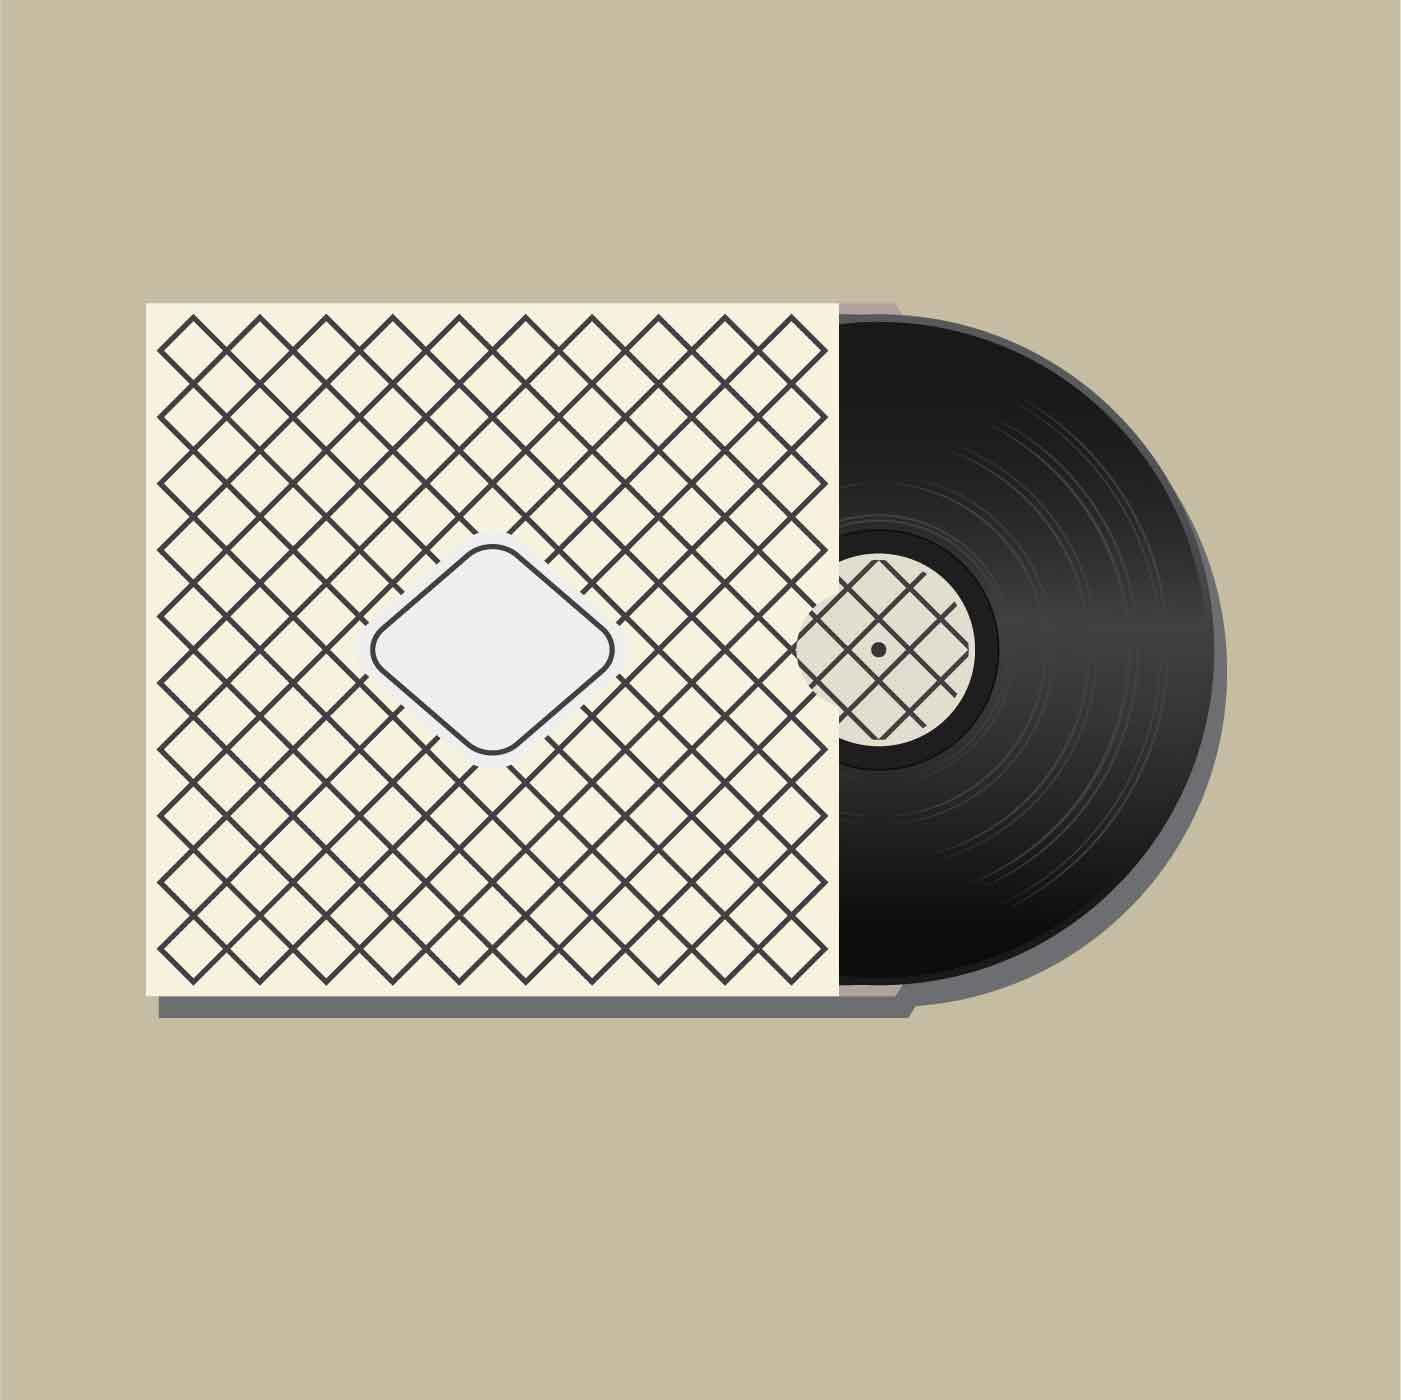 Vinyl Records Illustration Vector Download Free Vectors